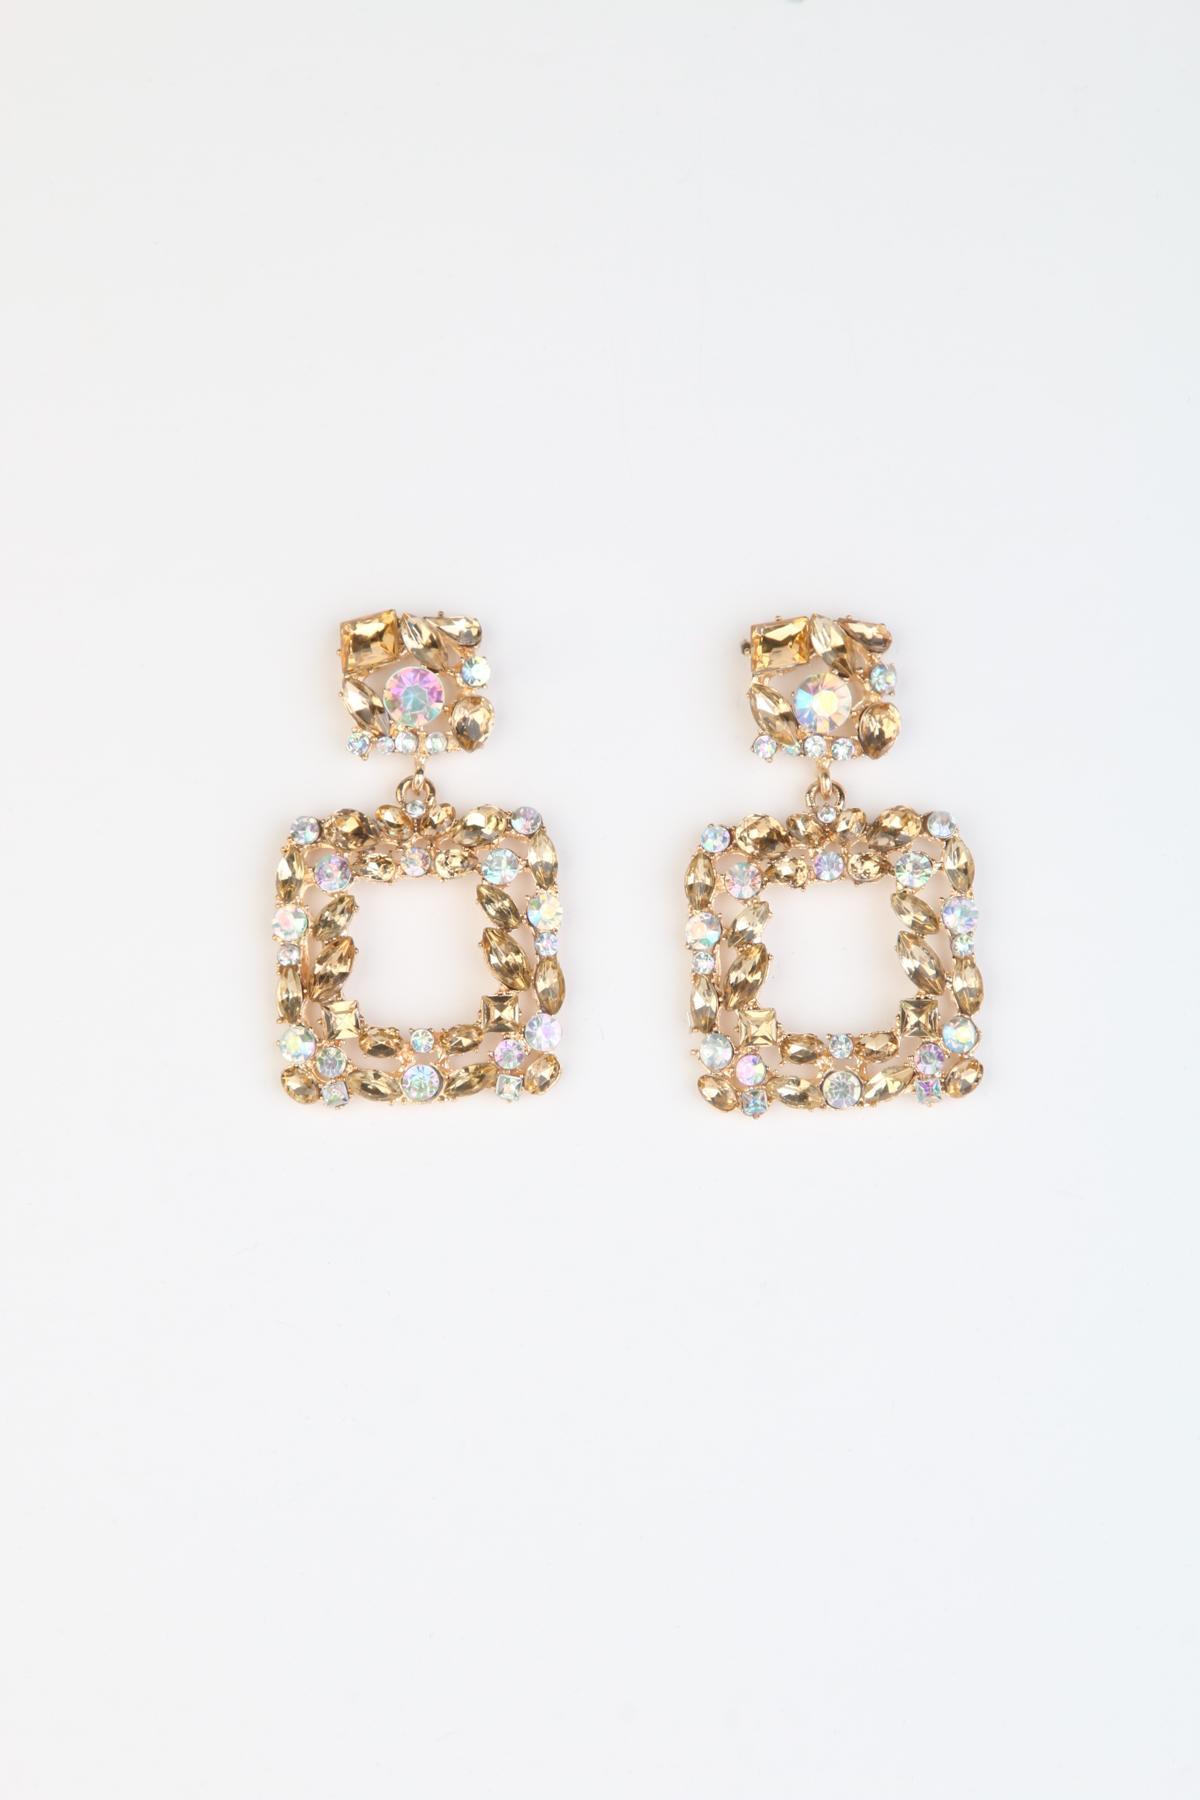 Boucles d'oreilles Accessoires Doré Better Way BW-001 #c eFashion Paris